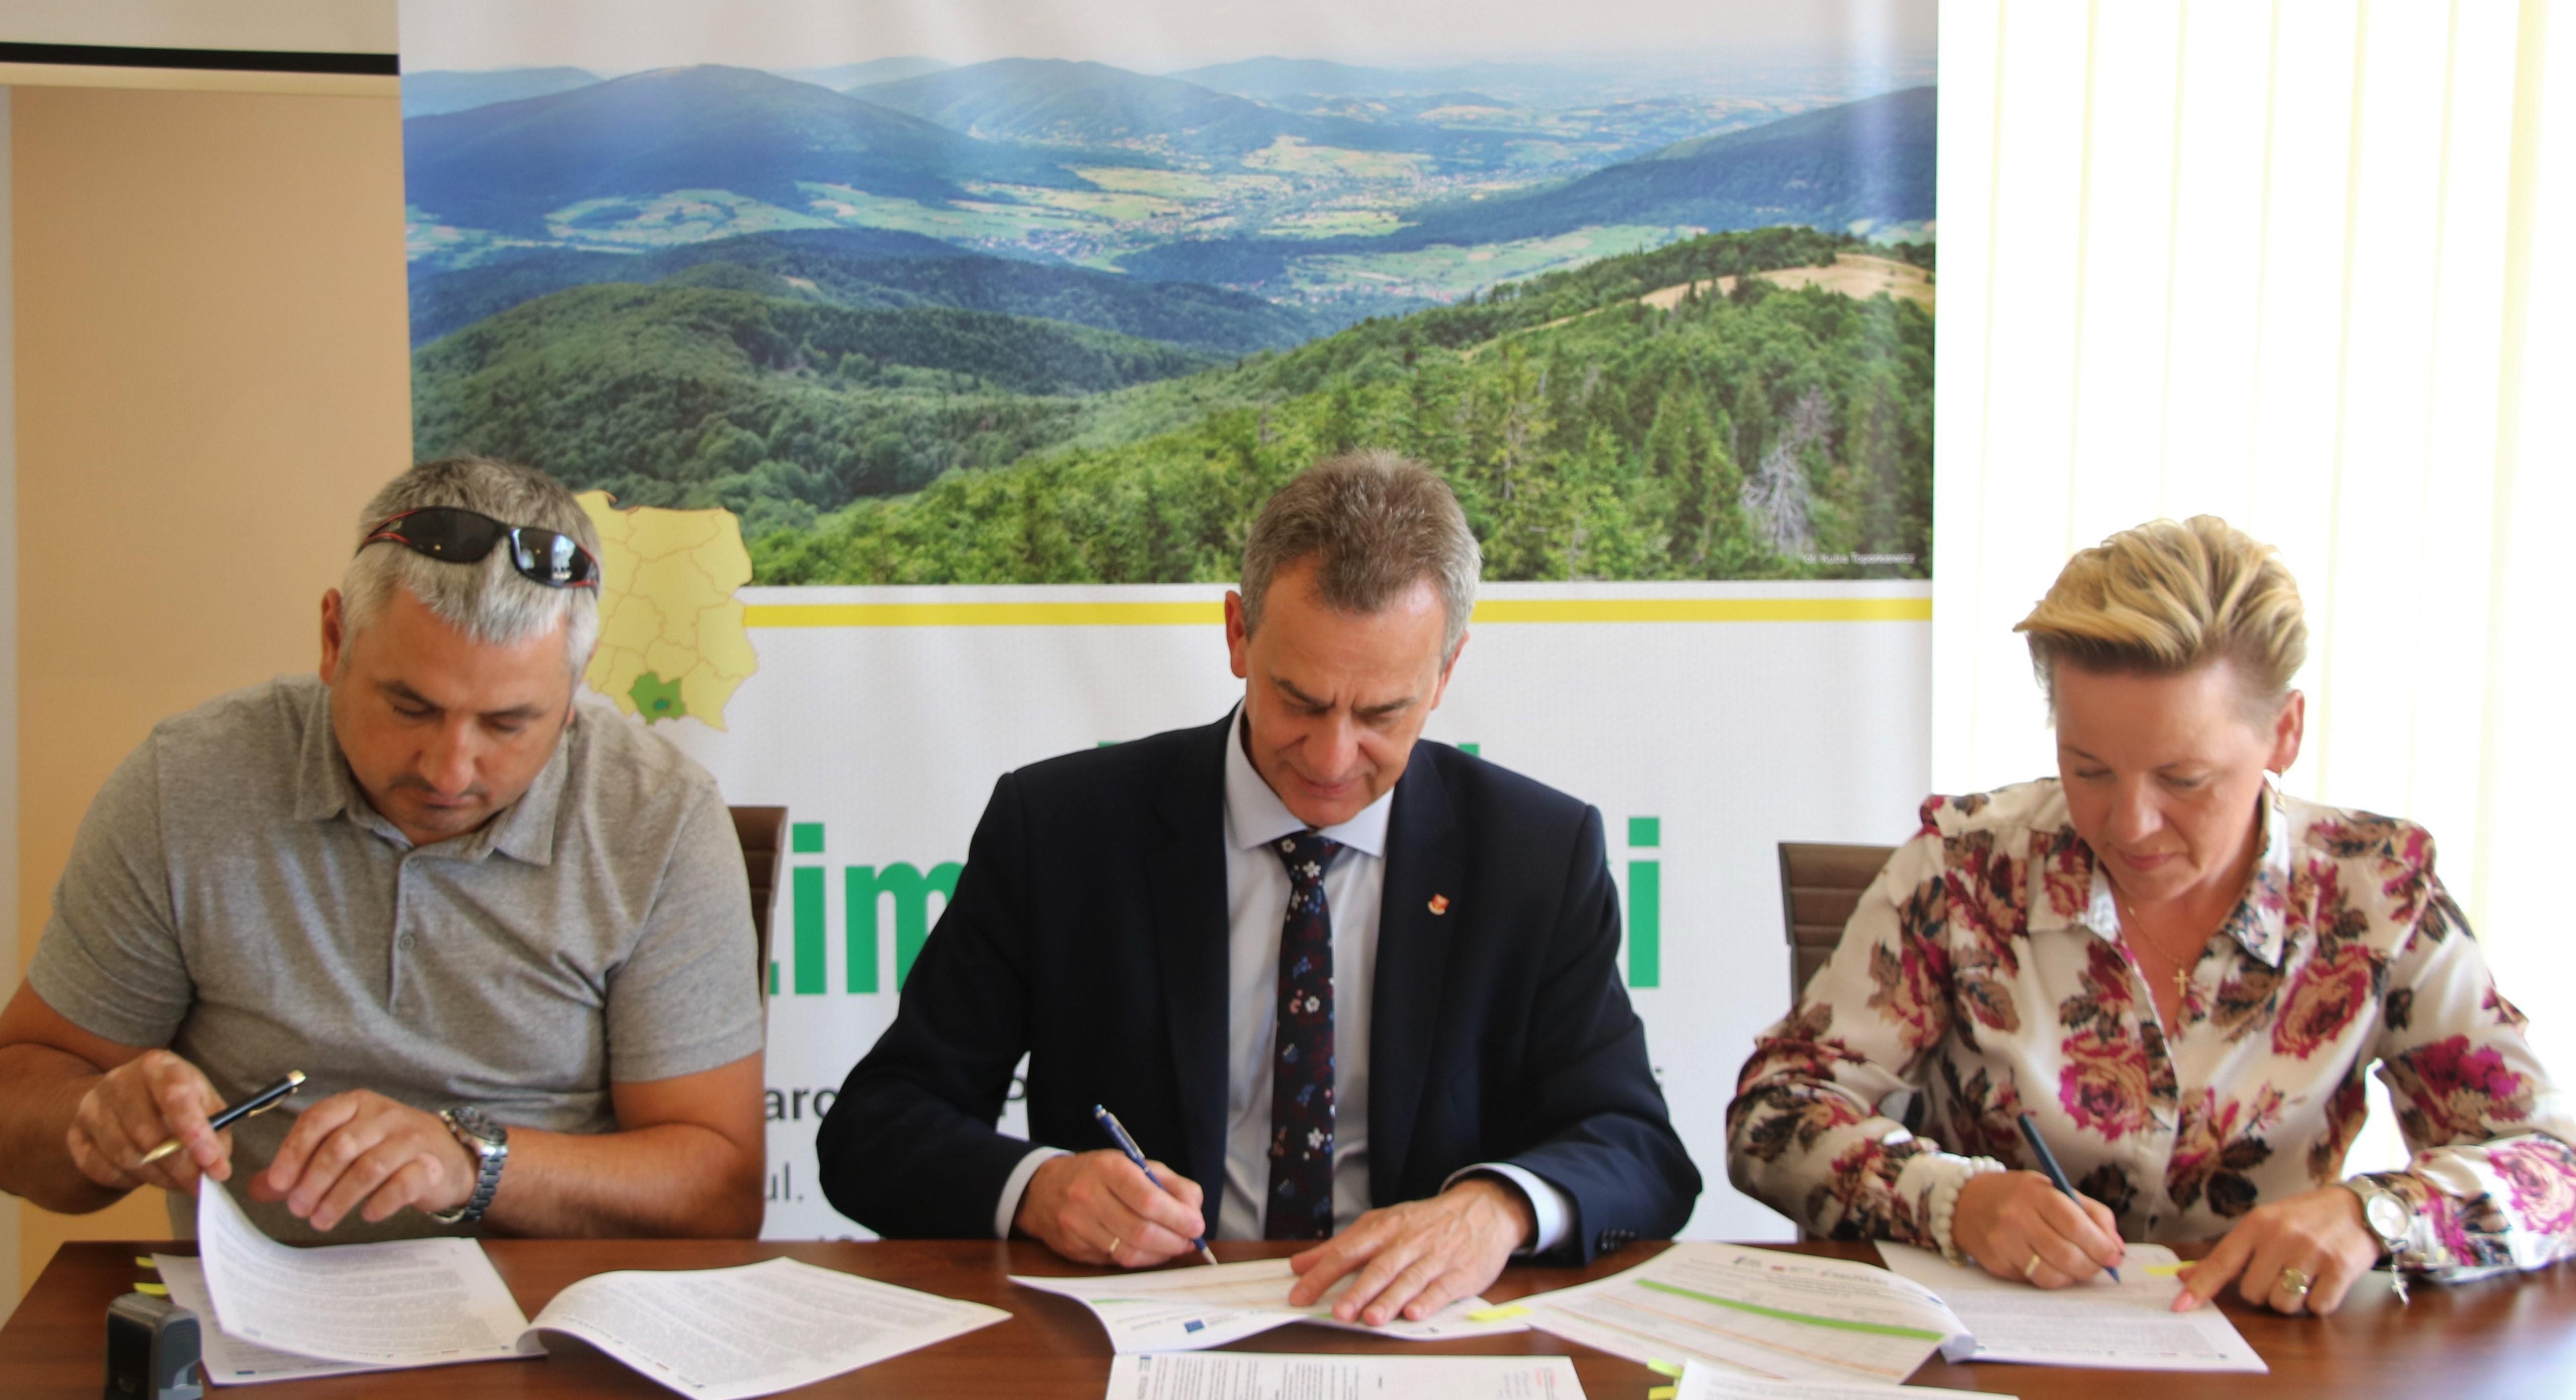 podpisanie umowy starosta, wicestarosta i konsorcjum reprezentowane przez R> Złocki